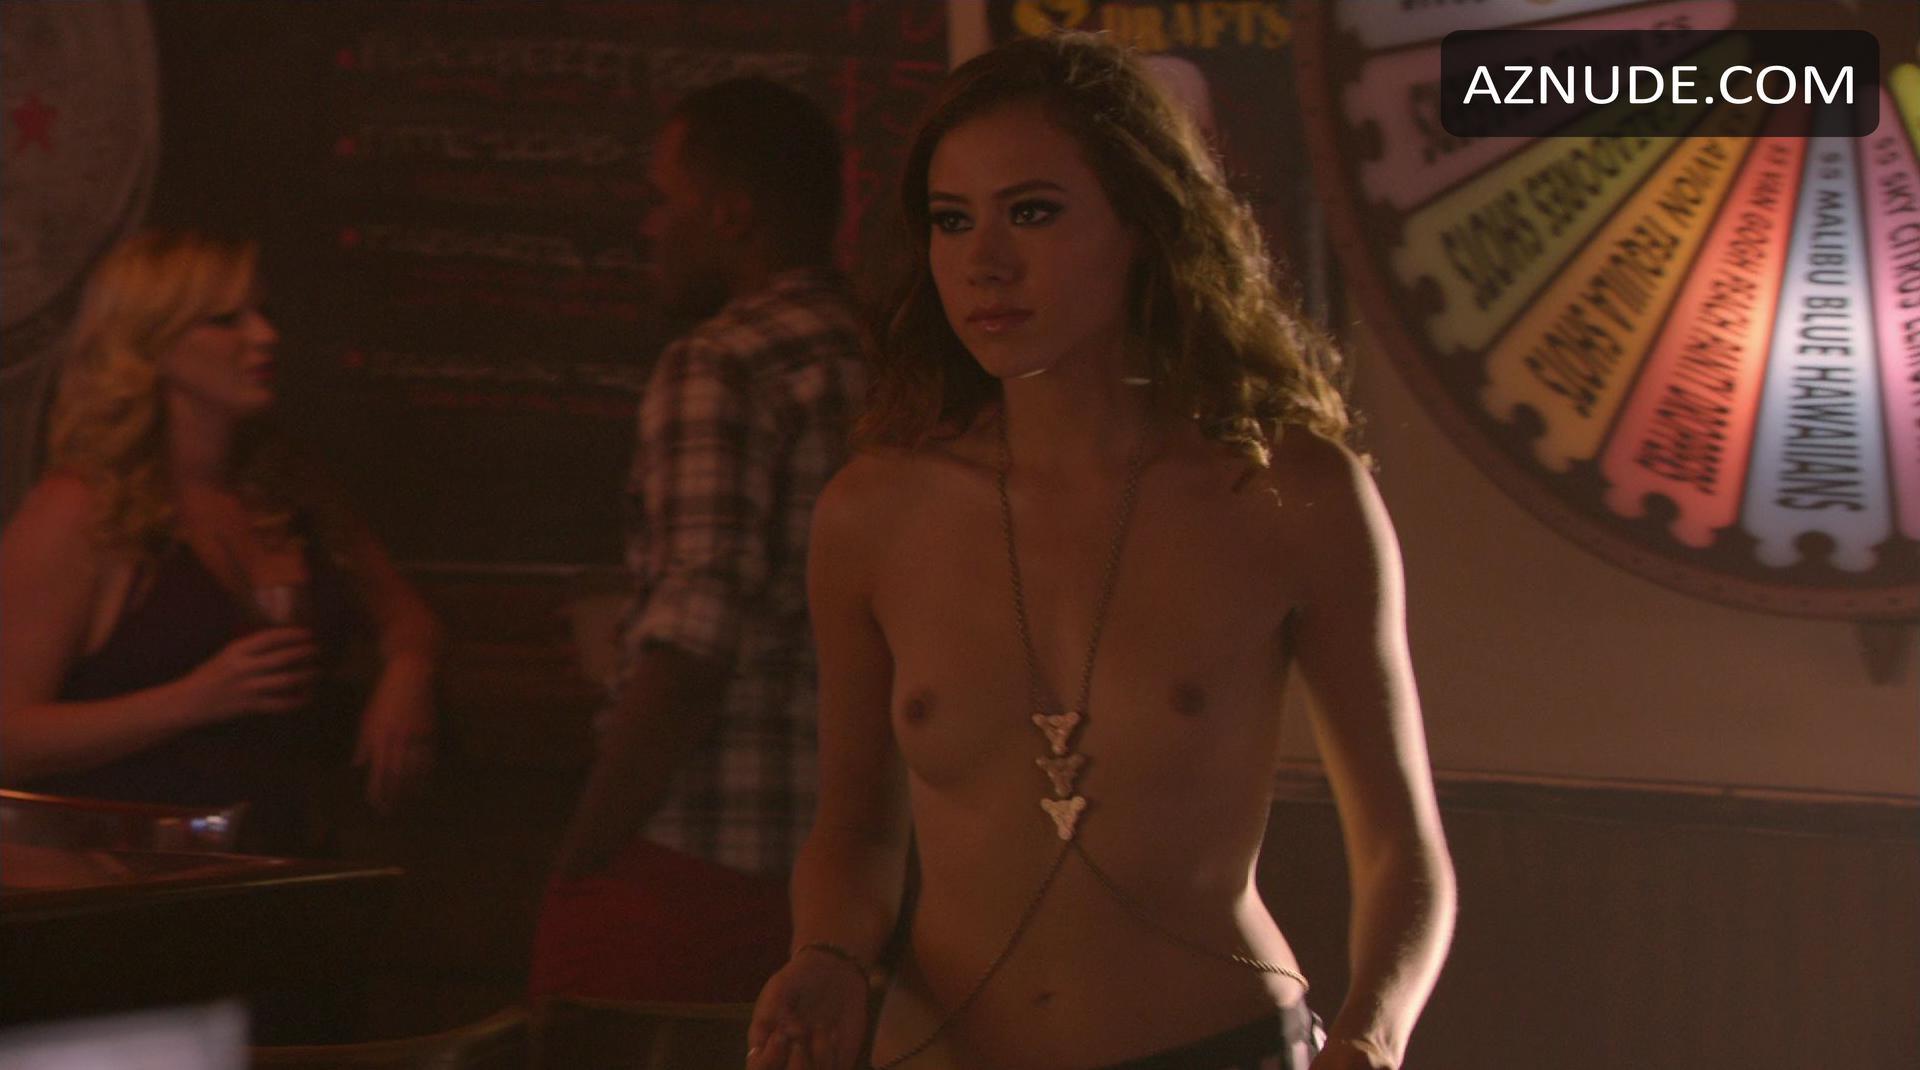 Dora madison naked